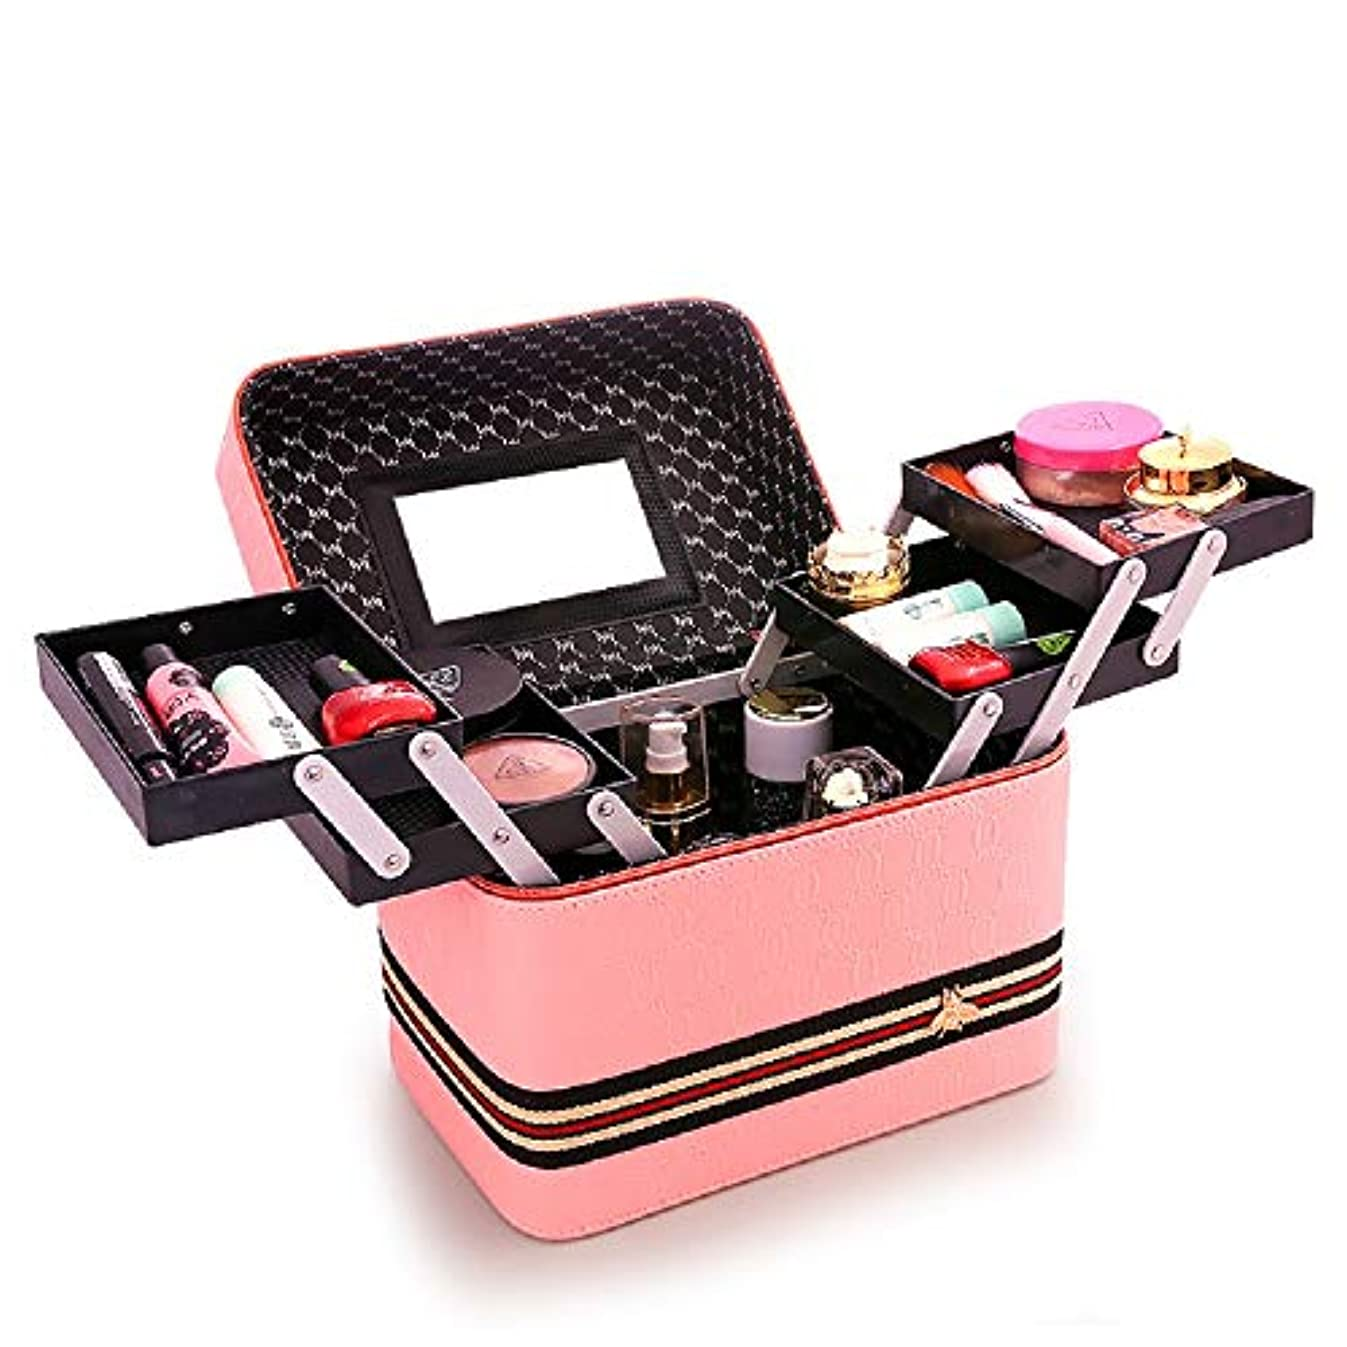 メイクケース 高品質 コスメ収納スタンド 大容量 コスメケース 收納抜群 メイクブラシバッグ 旅行用 収納ケース 化粧。取っ手付き おしゃれ 鏡付き 機能的 防水 化粧箱 (24CM*18CM*24CM, ピンク)